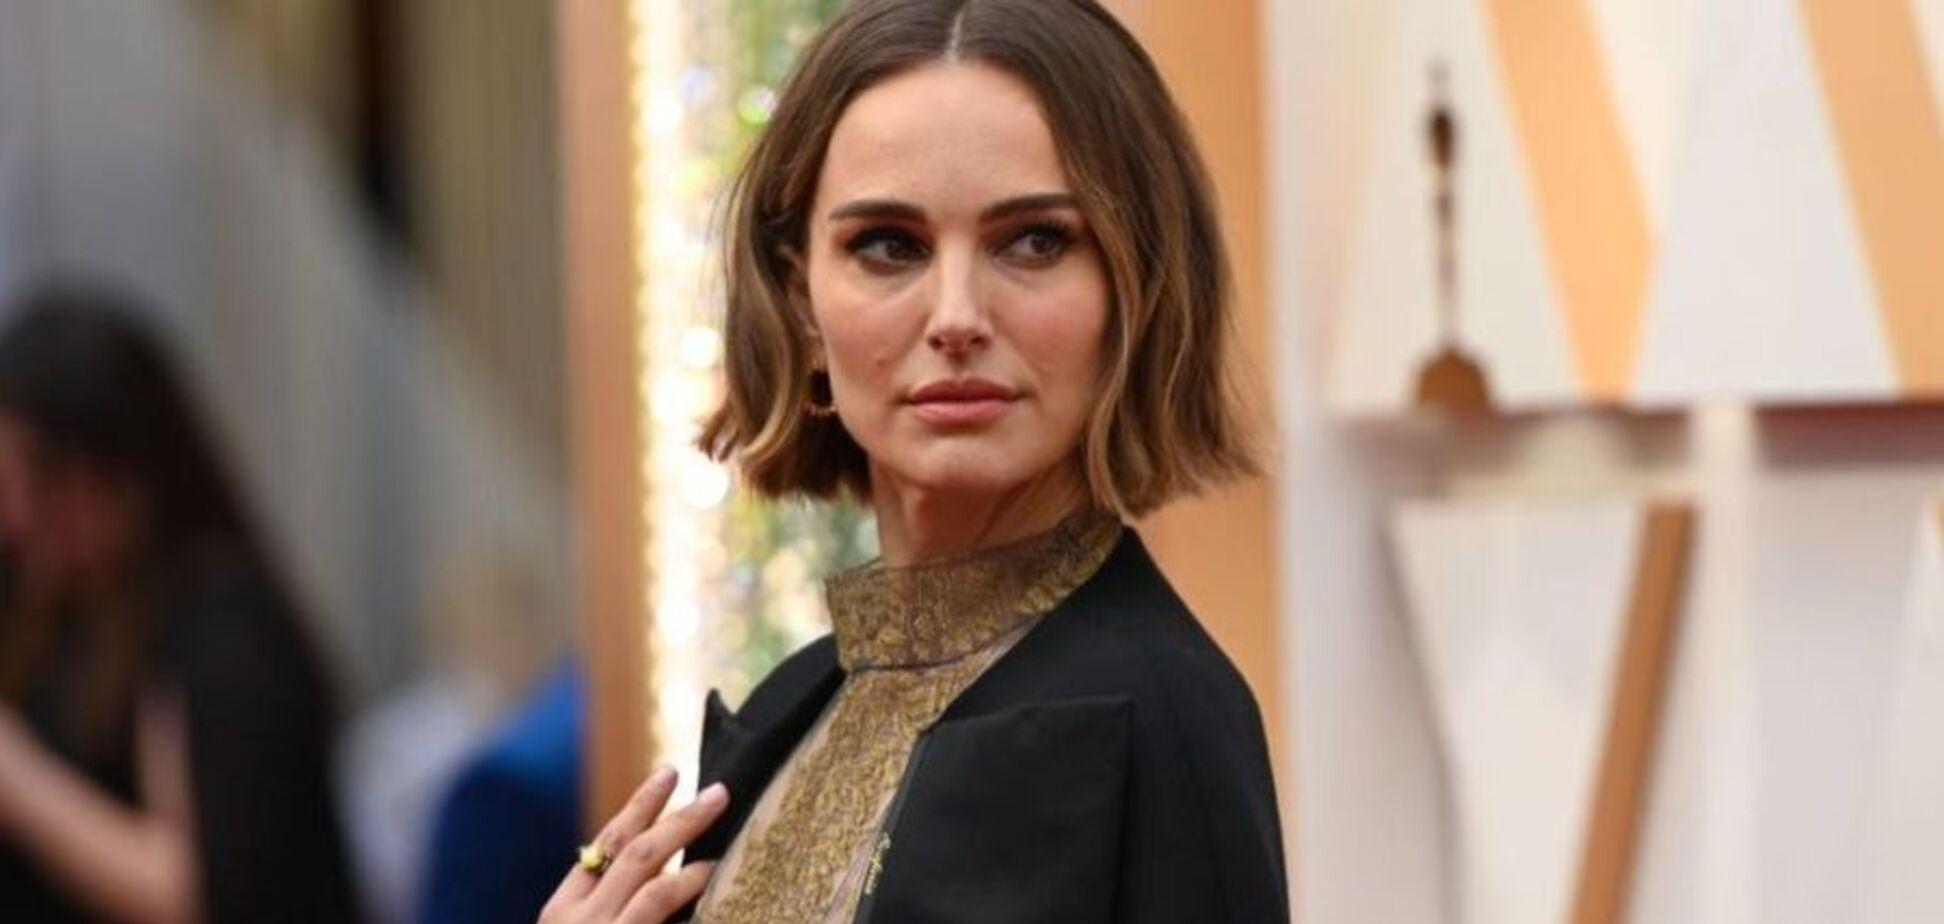 Наталі Портман сміливим вбранням кинула гучний натяк на 'Оскарі-2020'. Фото і відео